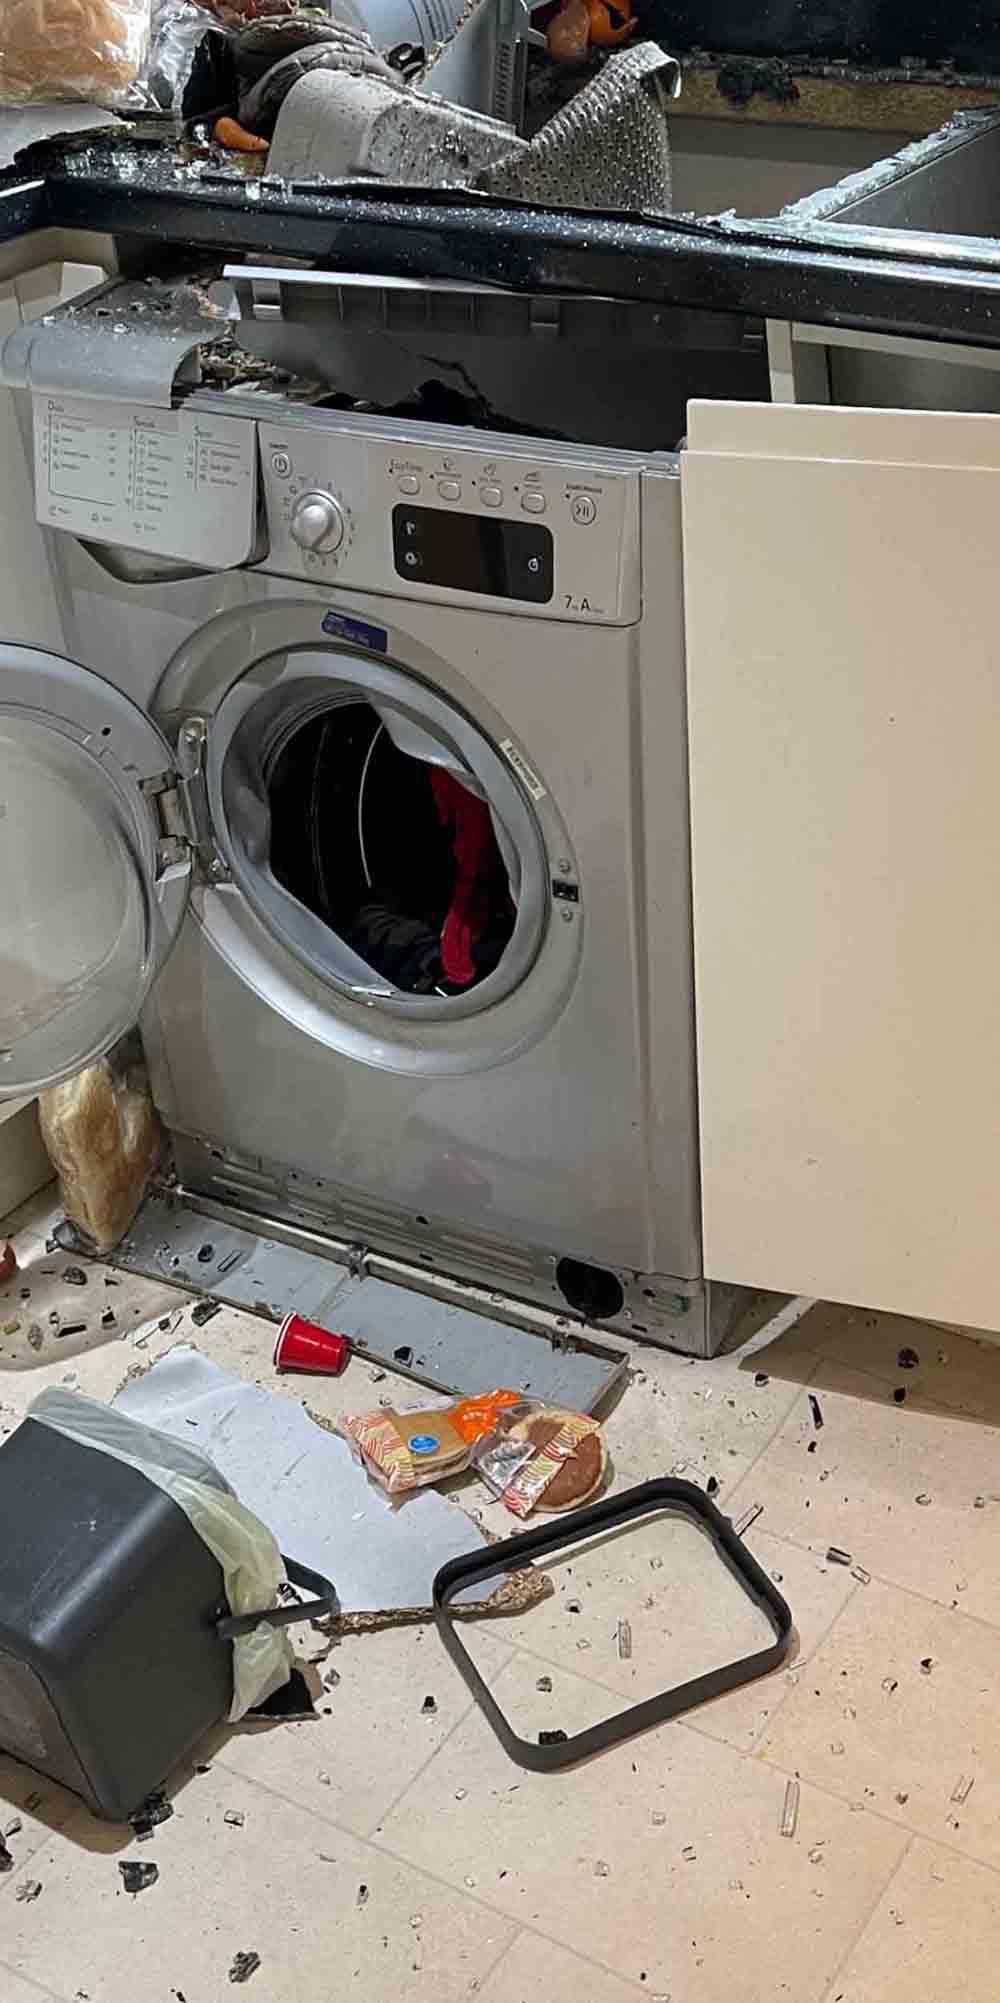 Scots mum shares images of exploding washing machine - Scottish News